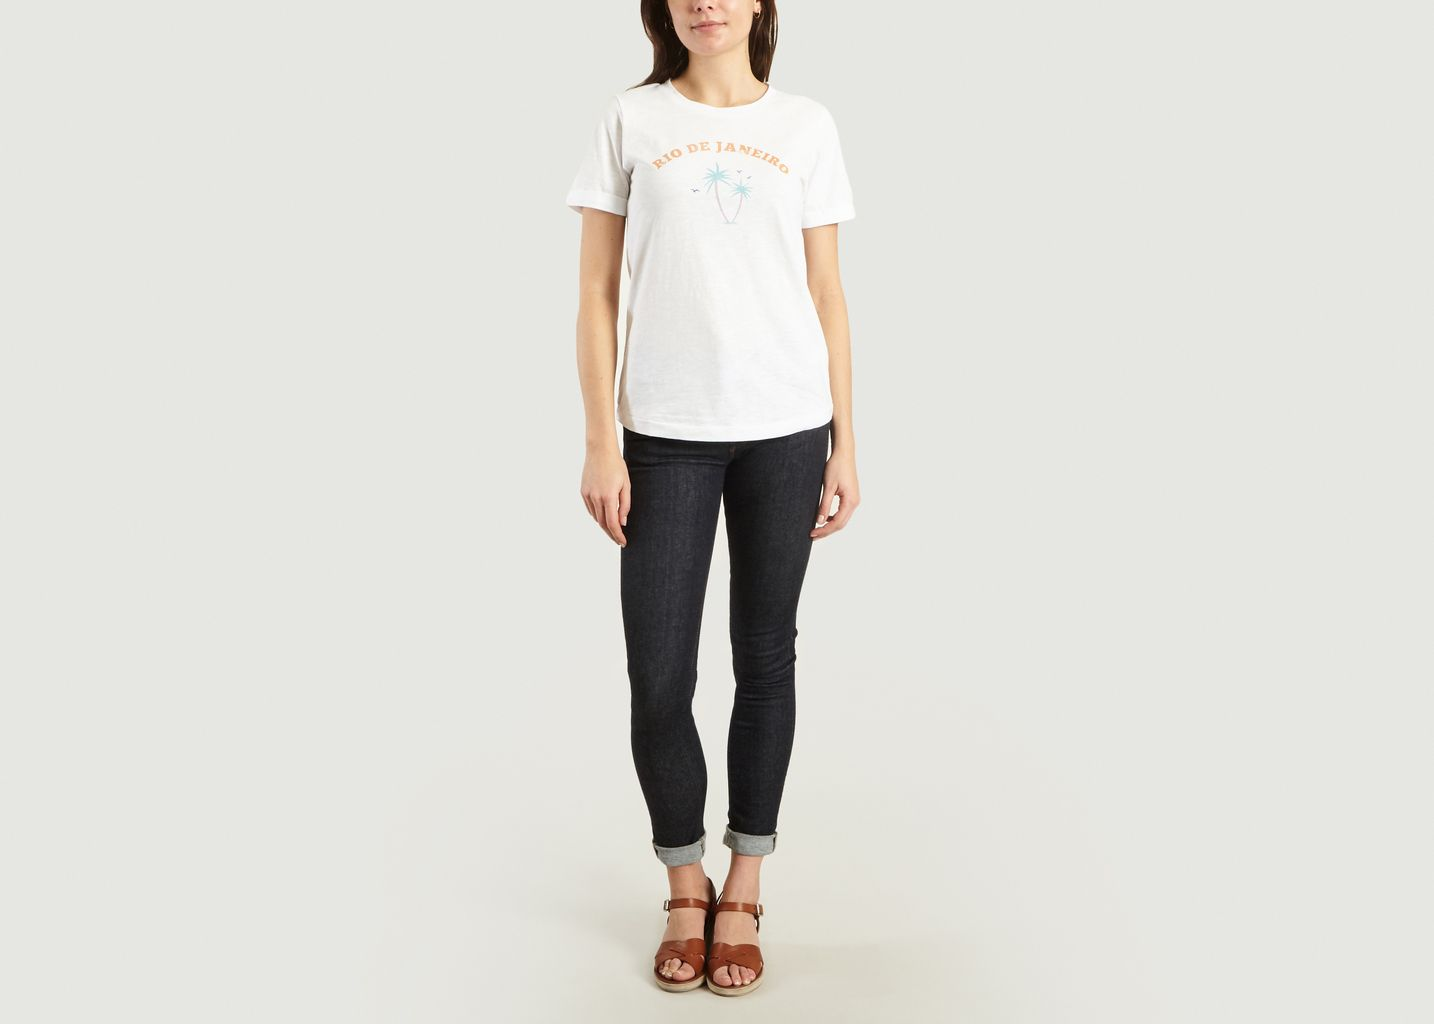 T-Shirt Rio de Janeiro - Not So Far